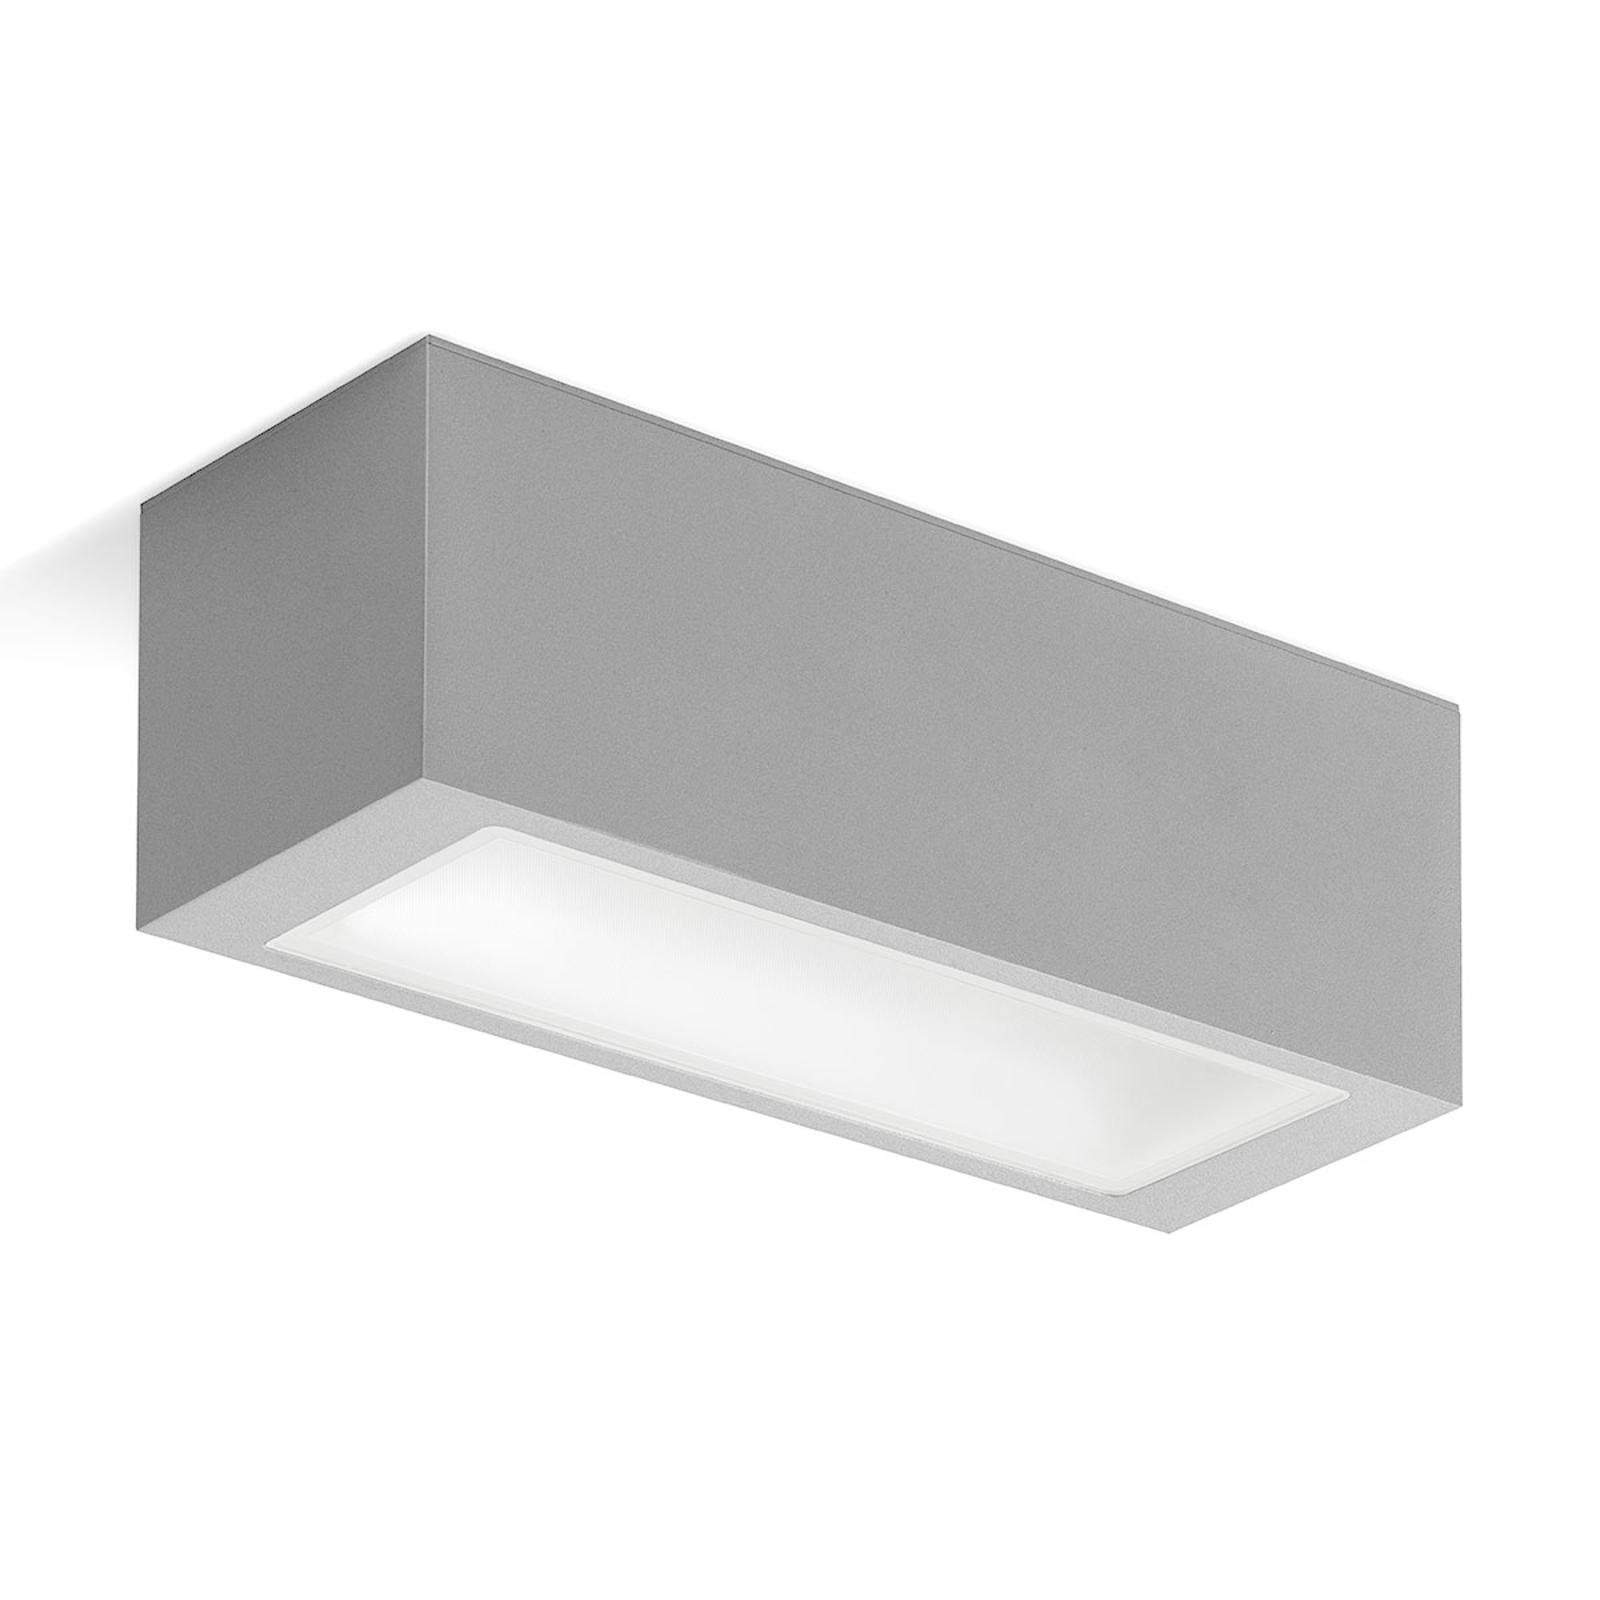 LED-seinävalaisin 303559, epäsymmetrinen 4 000 K